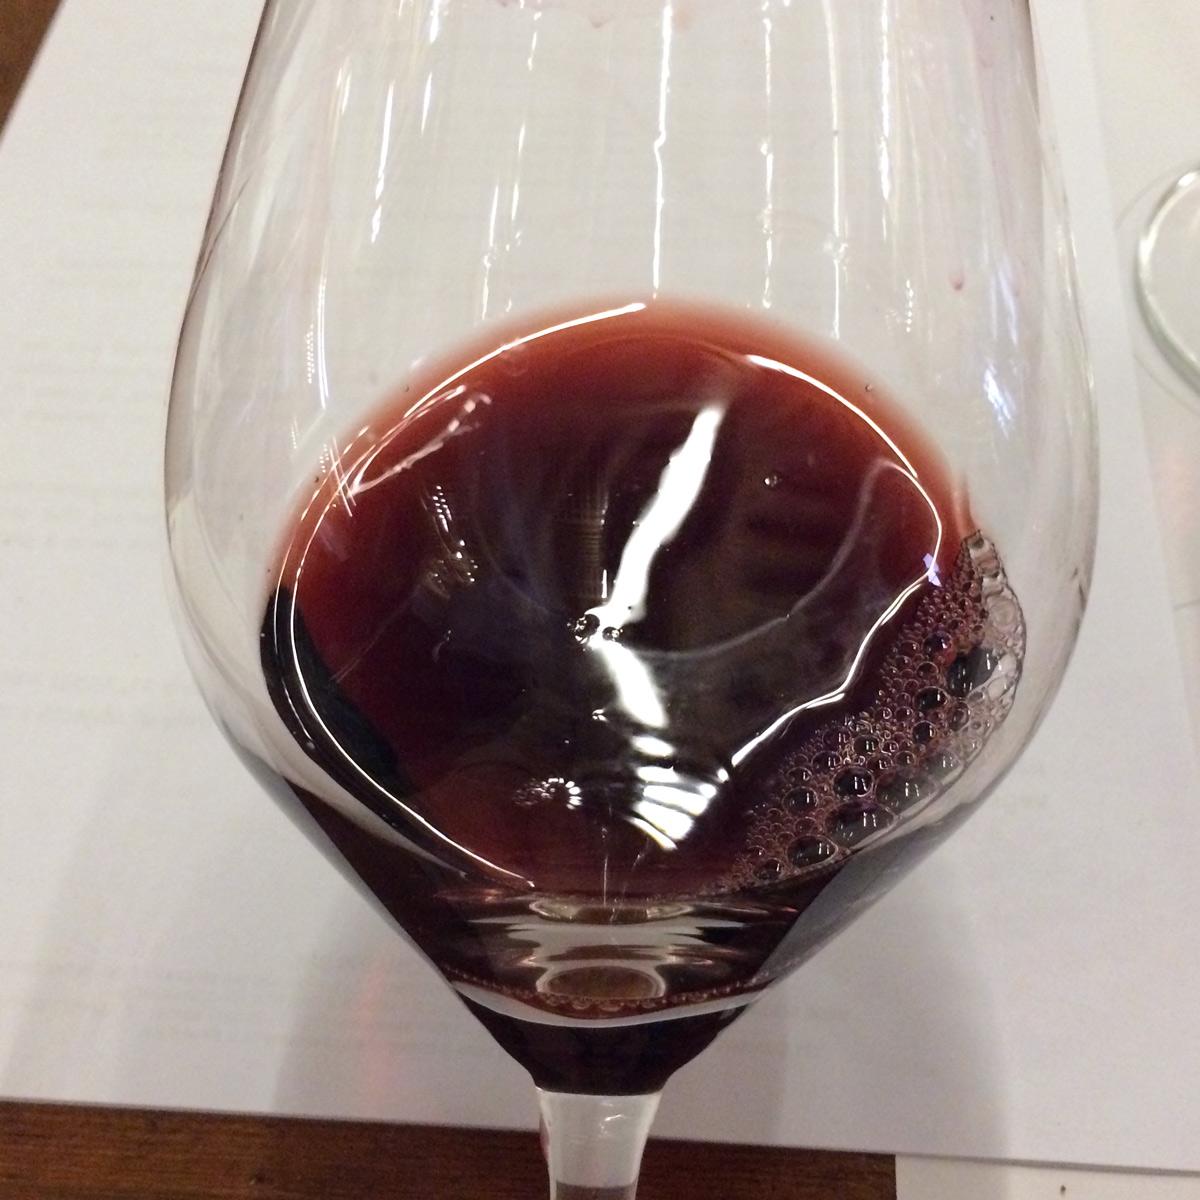 Amarone-della-Valpolicella-wine-glass-color